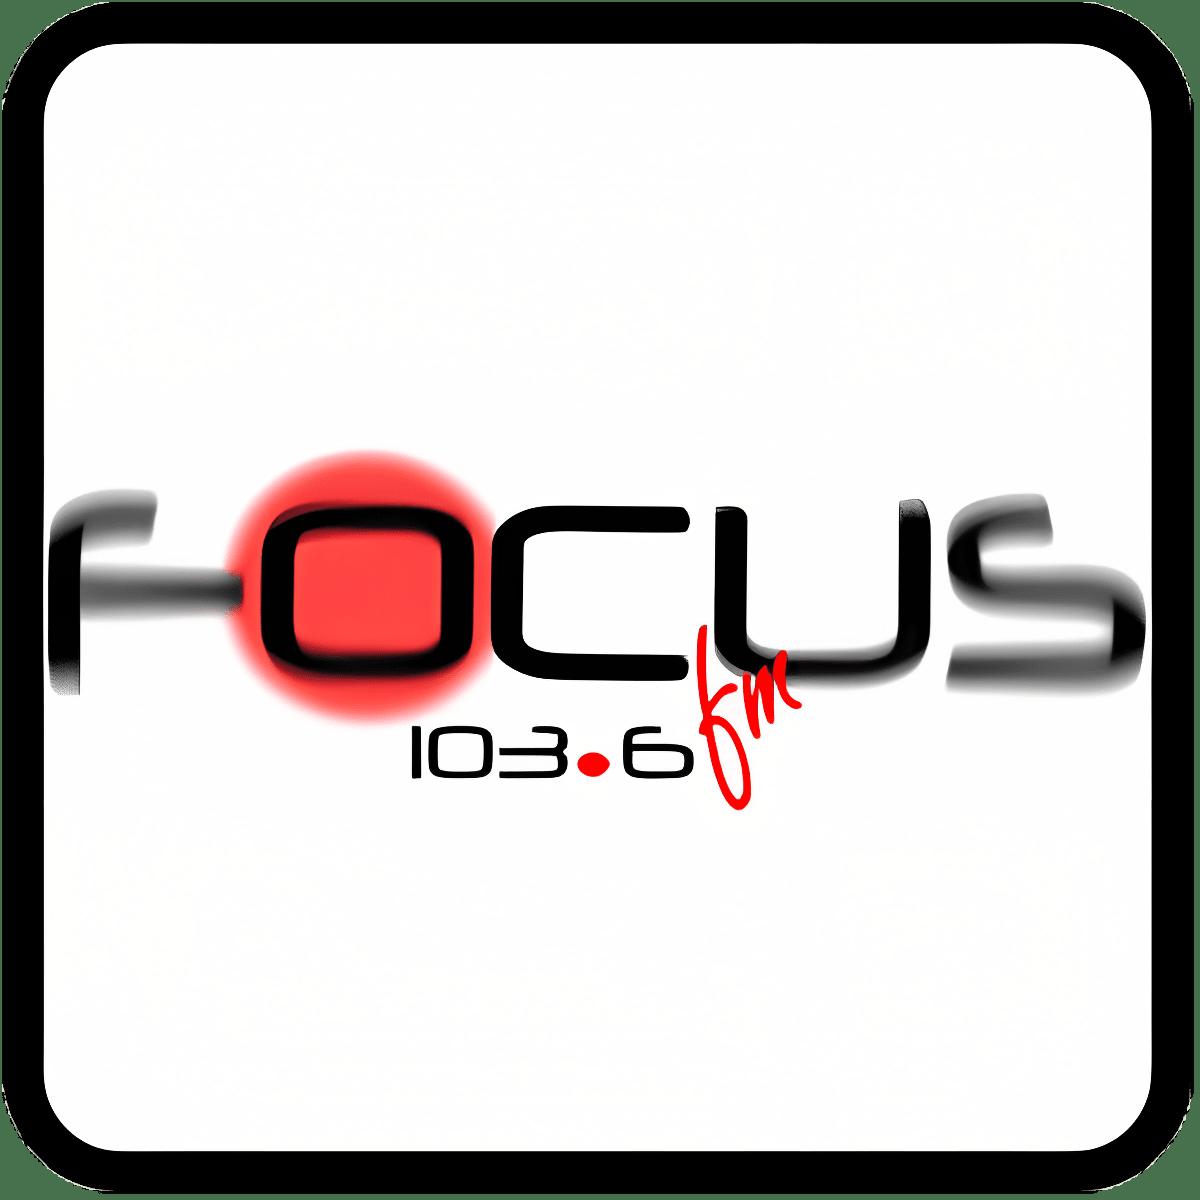 Focus 103.6 FM